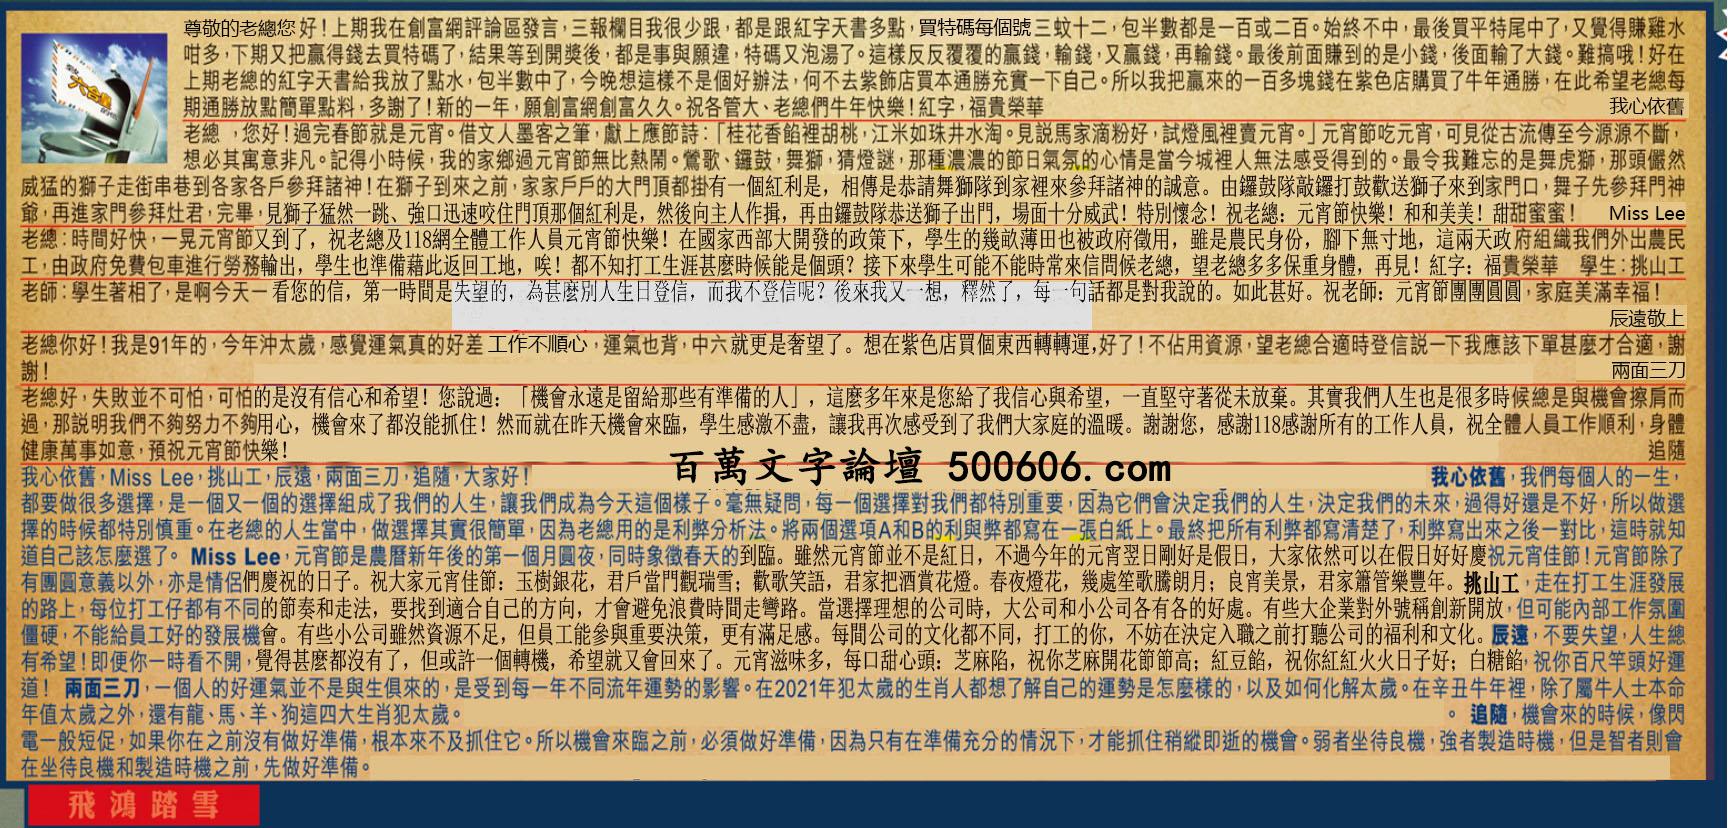 018期:彩民推荐六合皇信箱(�t字:�w��踏雪) 018期开奖结果:27-06-21-16-15-28-T43羊/绿/火